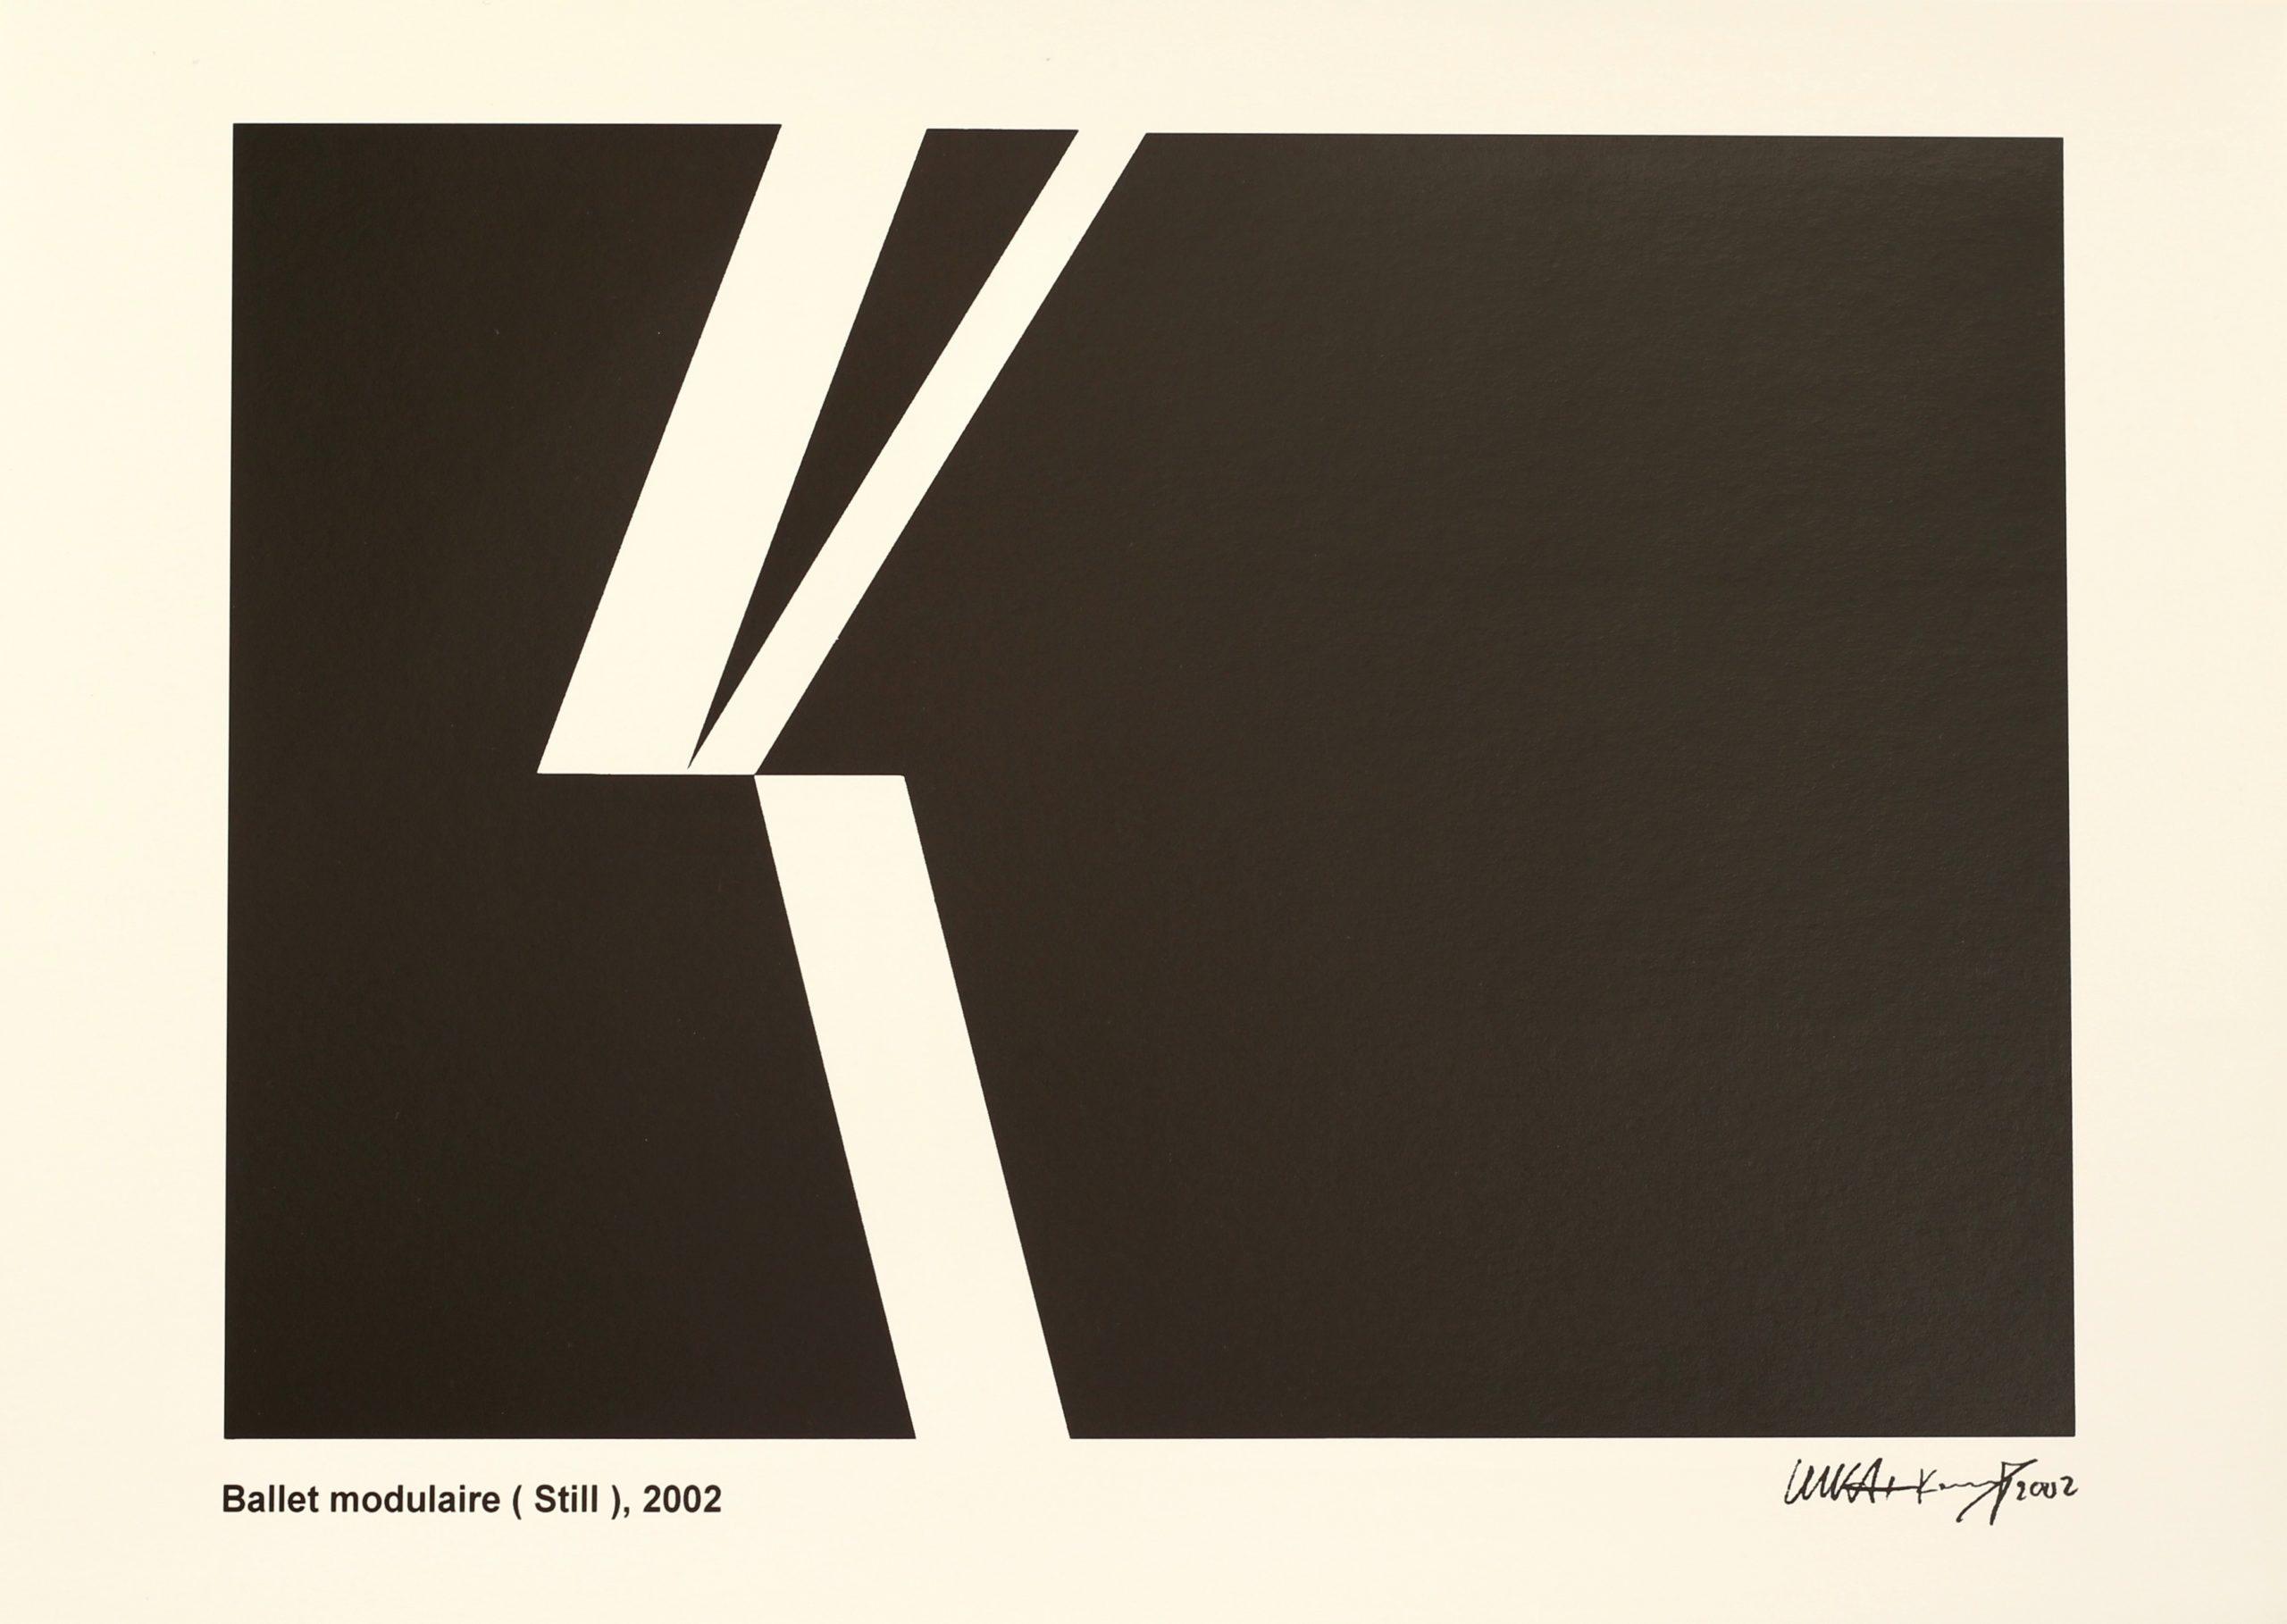 Gerhard Kammerer-Luka & Jean Baptiste Kempf, Ballet modulaire (Still), Hahnemühle Kunstdruck, 29,6 x 42 cm, Auflage von 50, 2002